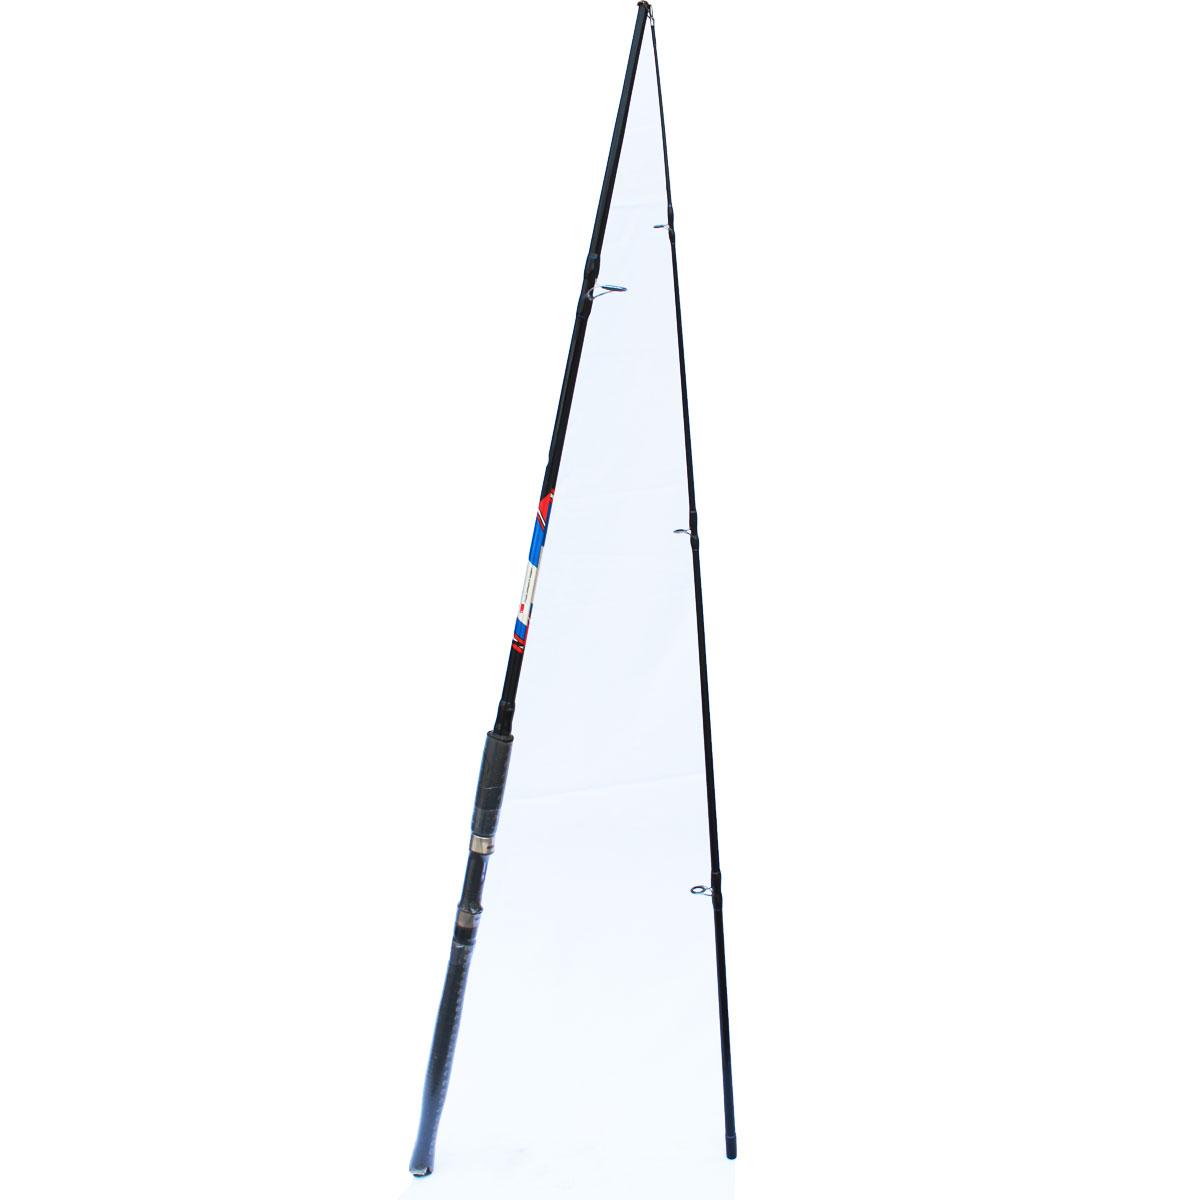 Cần Câu Máy Hai Khúc Pioneer Blitz 2m4Cần Câu Cá Phổ Thông